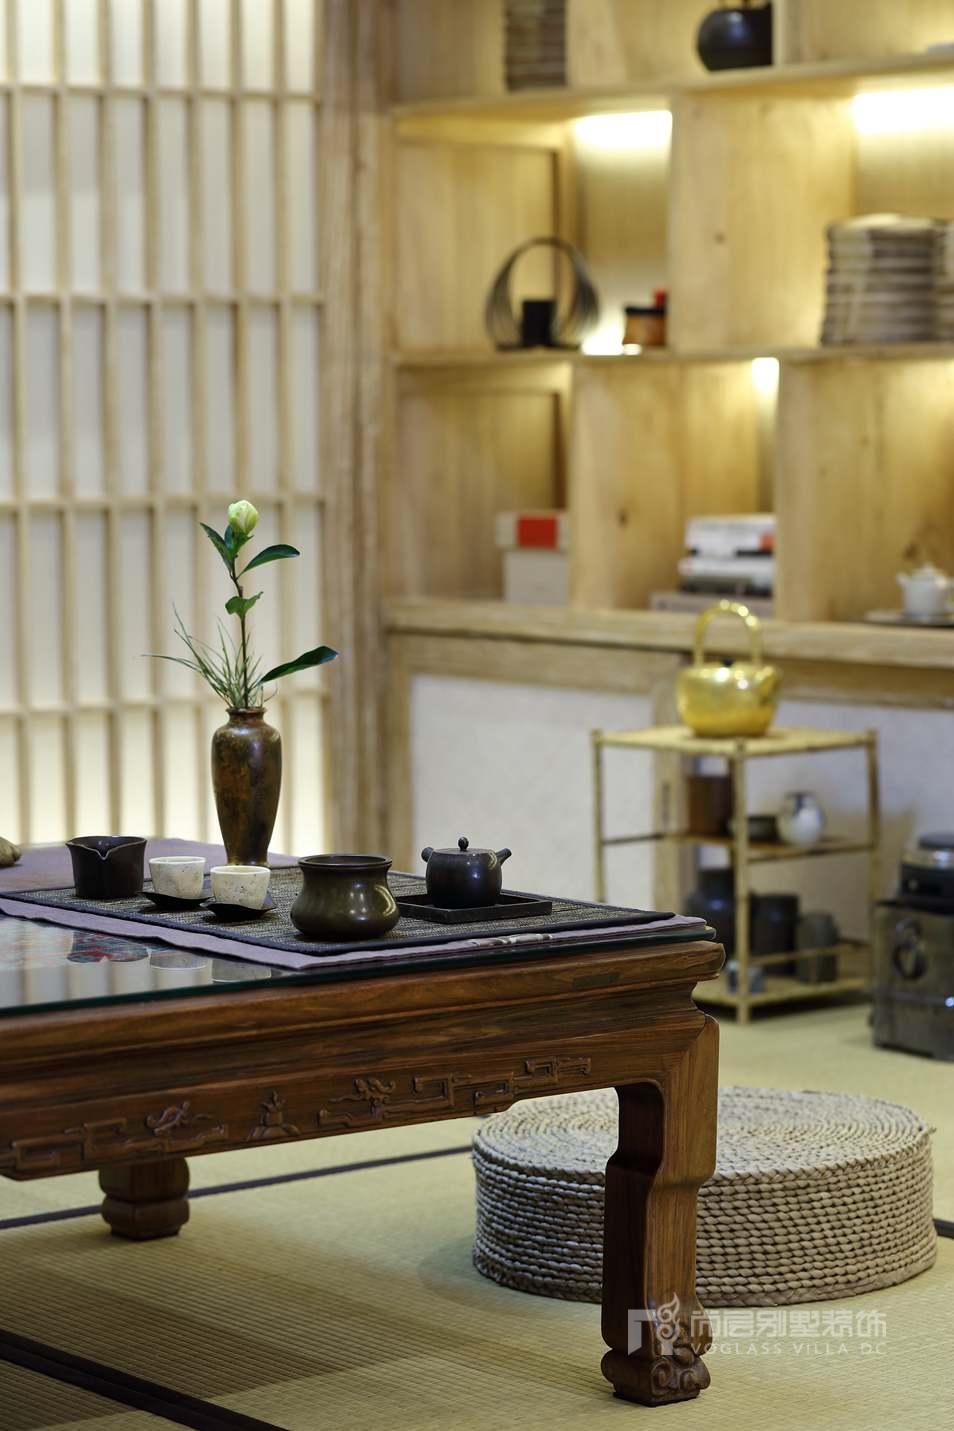 北京院子别墅混搭风格茶室装修实景图